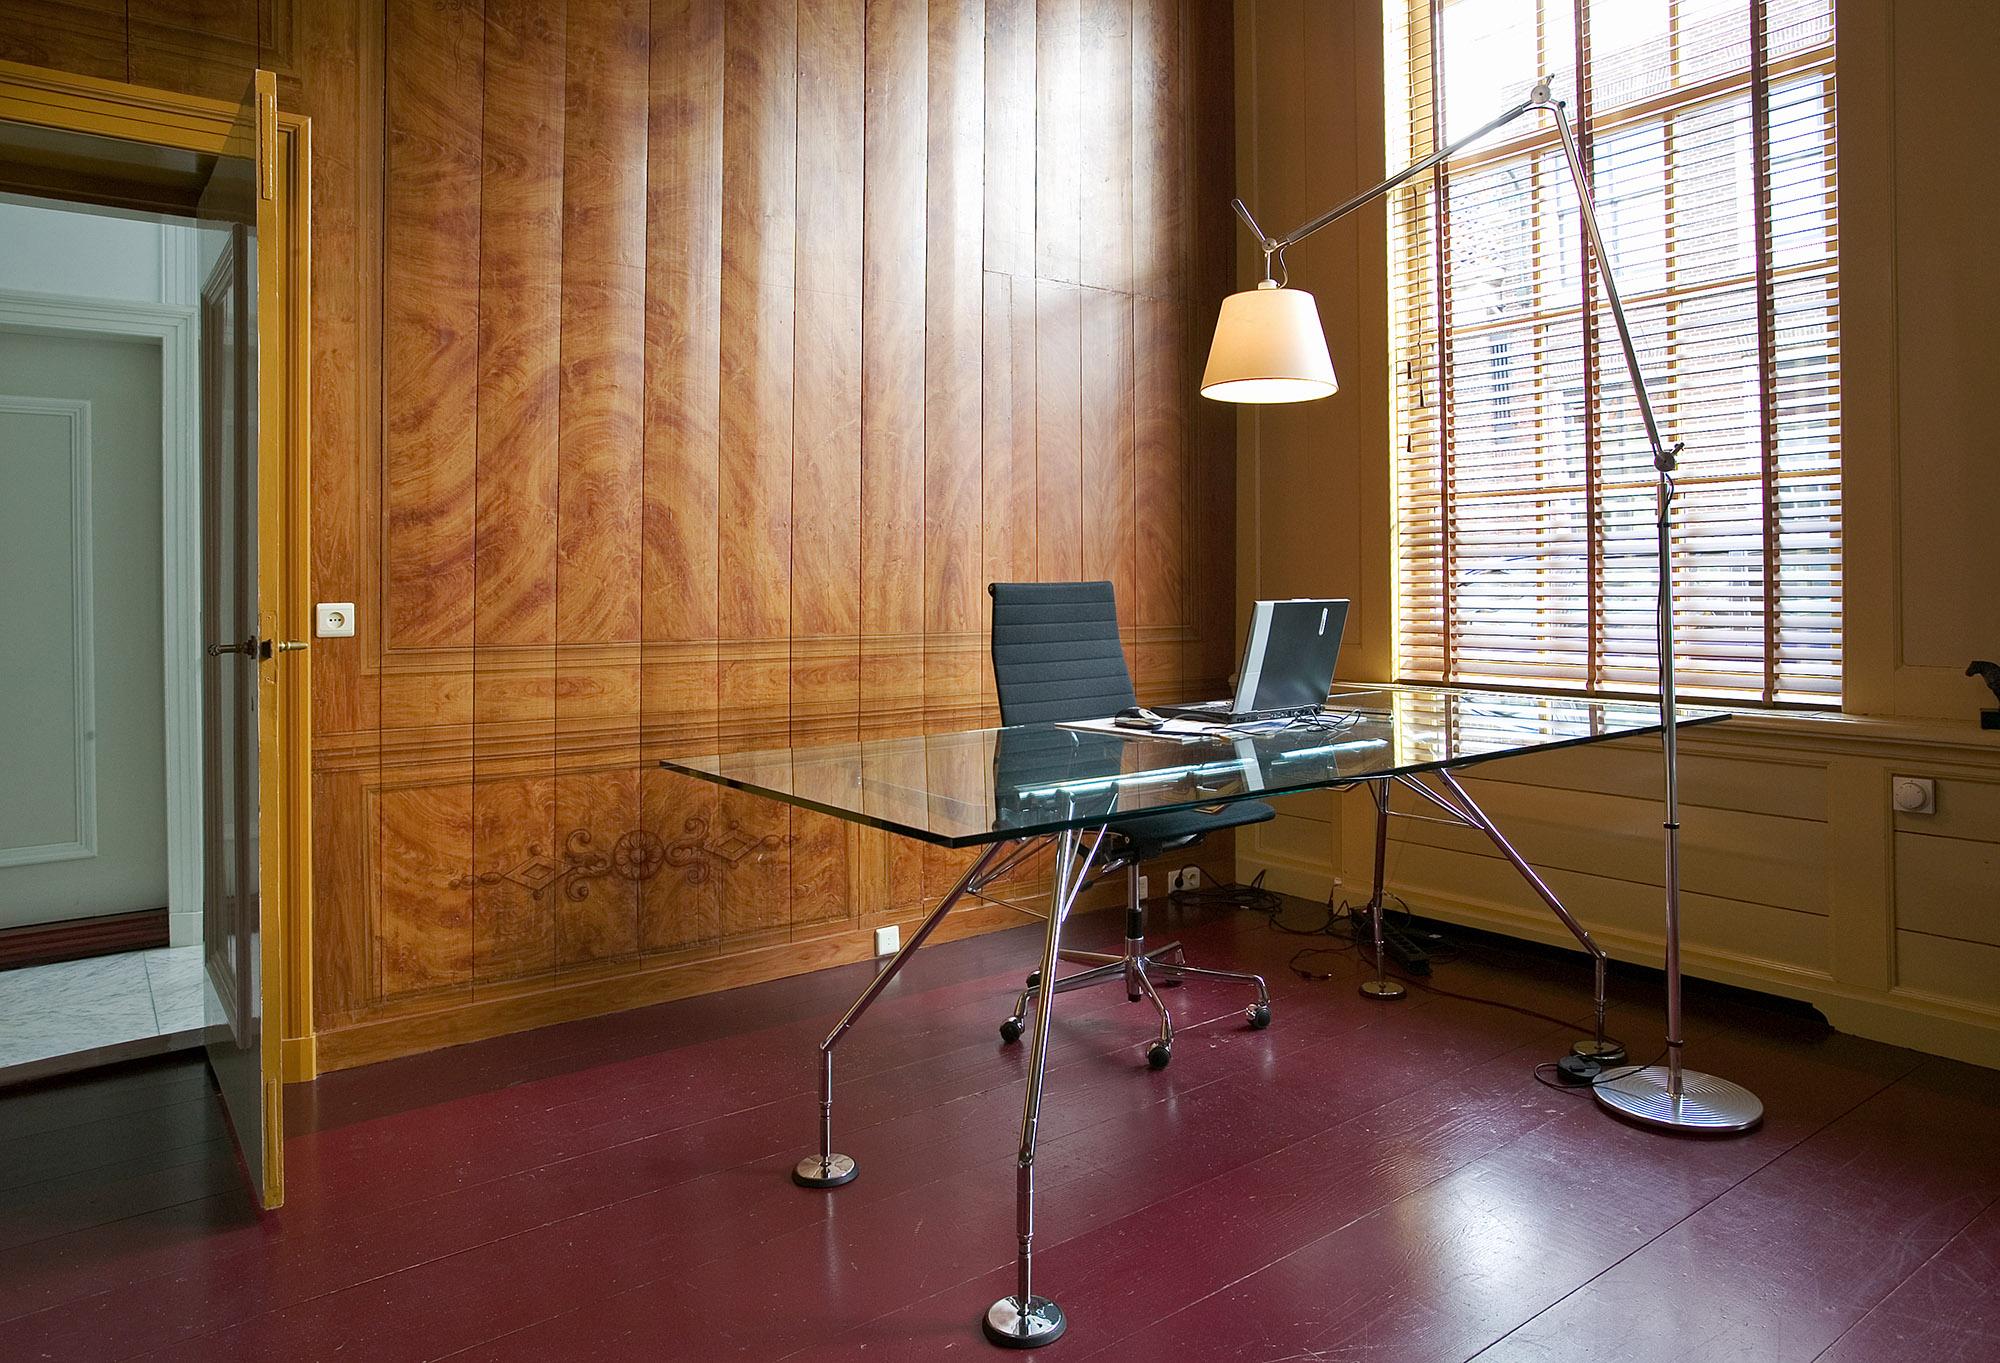 Foto van een glazen bureau in een kamer